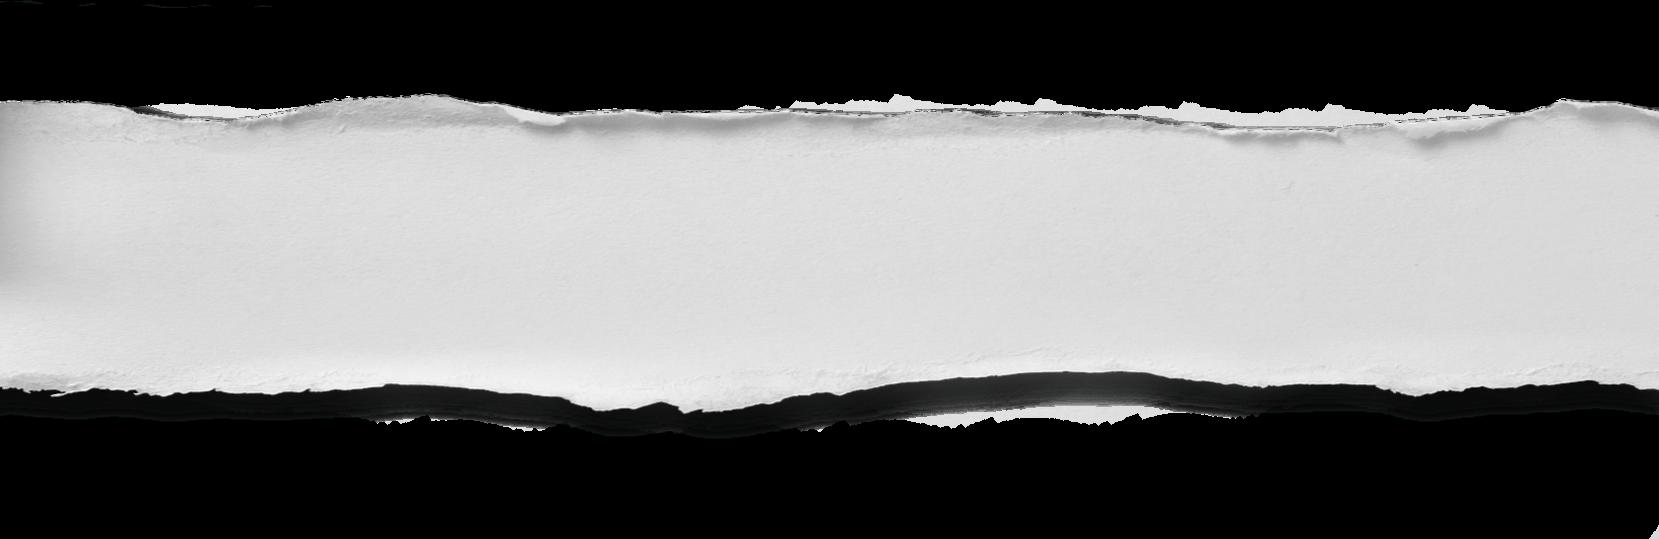 Torn Paper in Designer - Affinity on Desktop Questions ...